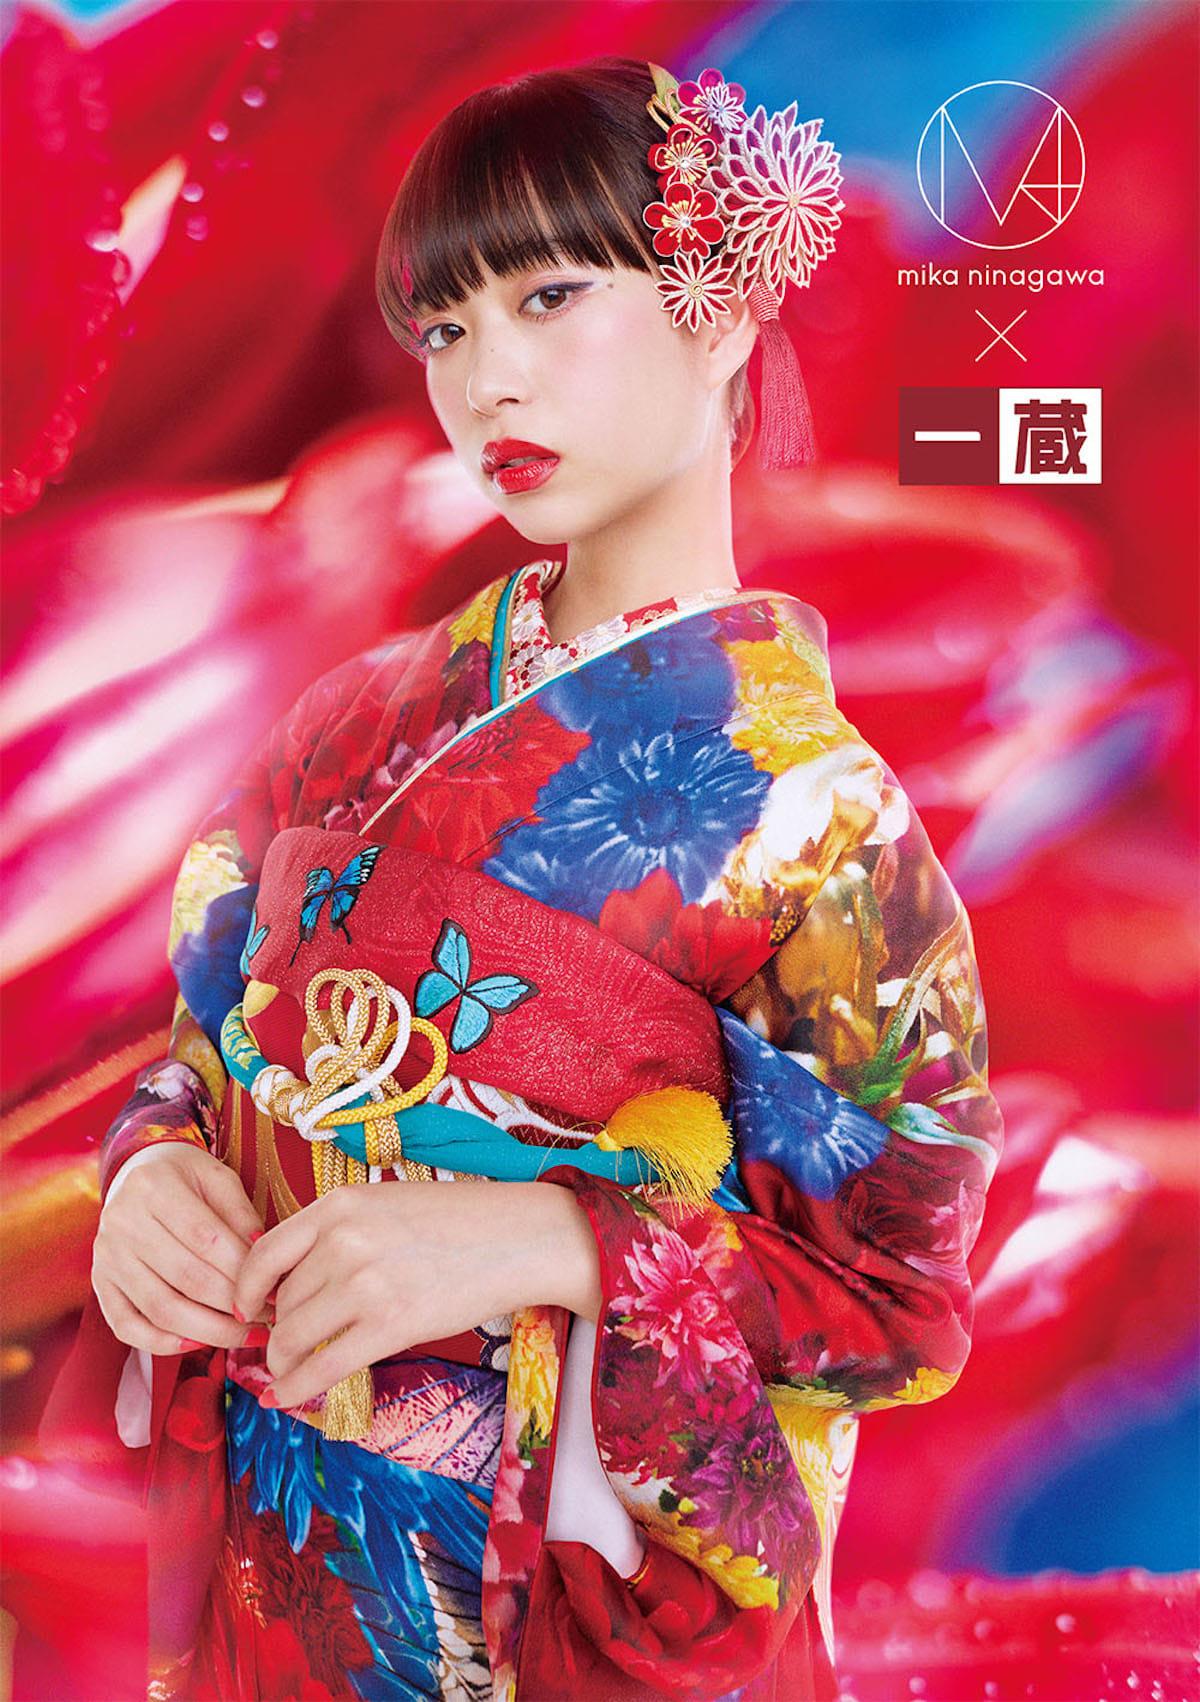 蜷川実花による色彩豊かすぎる振袖を森川葵が着用!ビビットなビジュアル公開 fashion180531_mika-ninagawa_5-1200x1702